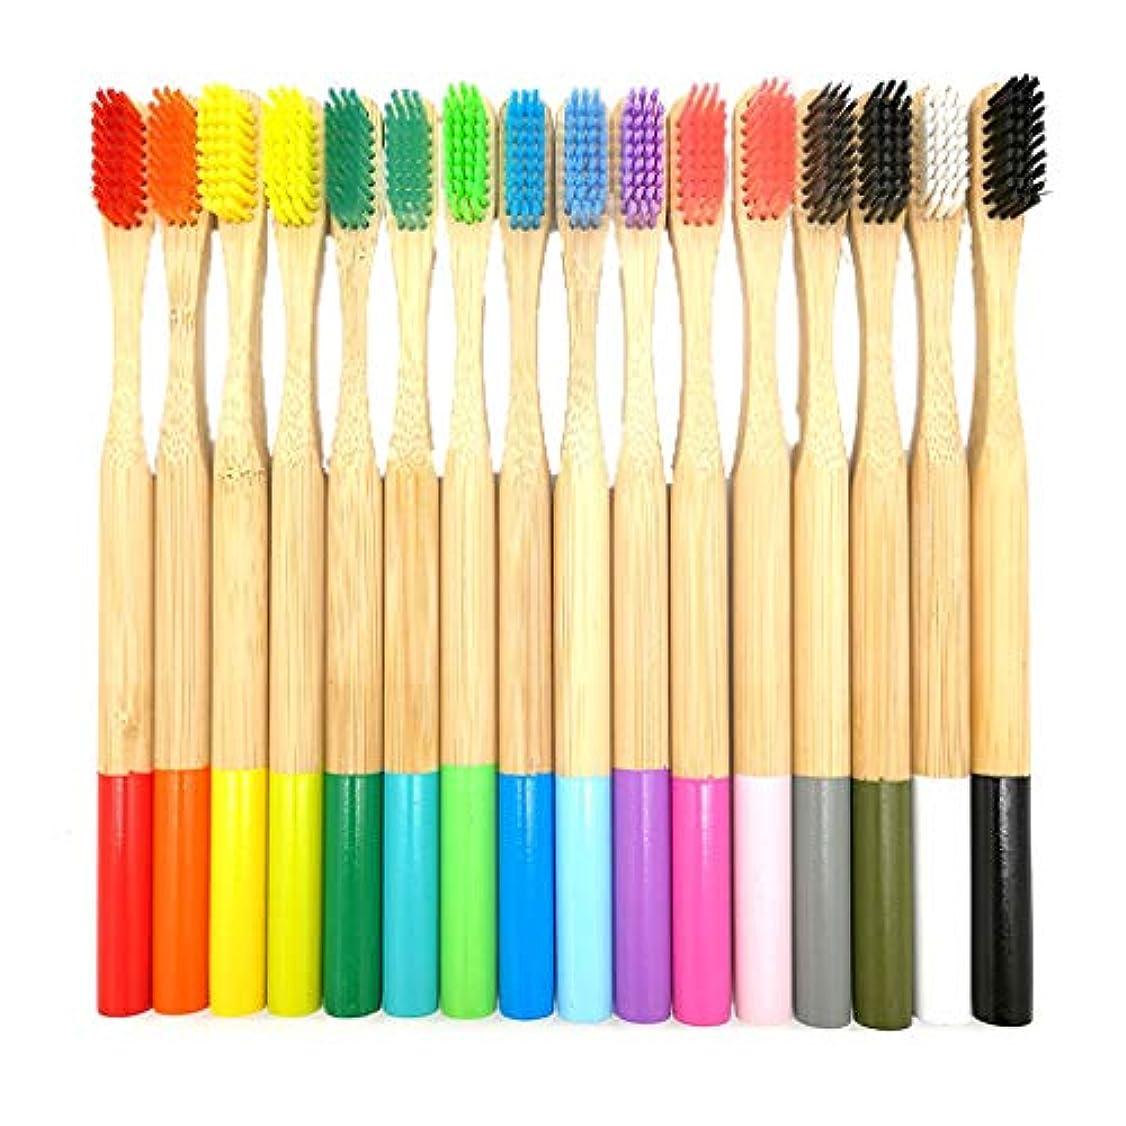 急流イノセンススティーブンソンLazayyii 成人 竹製の歯ブラシ オーラルケア 竹繊維 やわらかい歯ブラシ 人気16本 (マルチカラー)